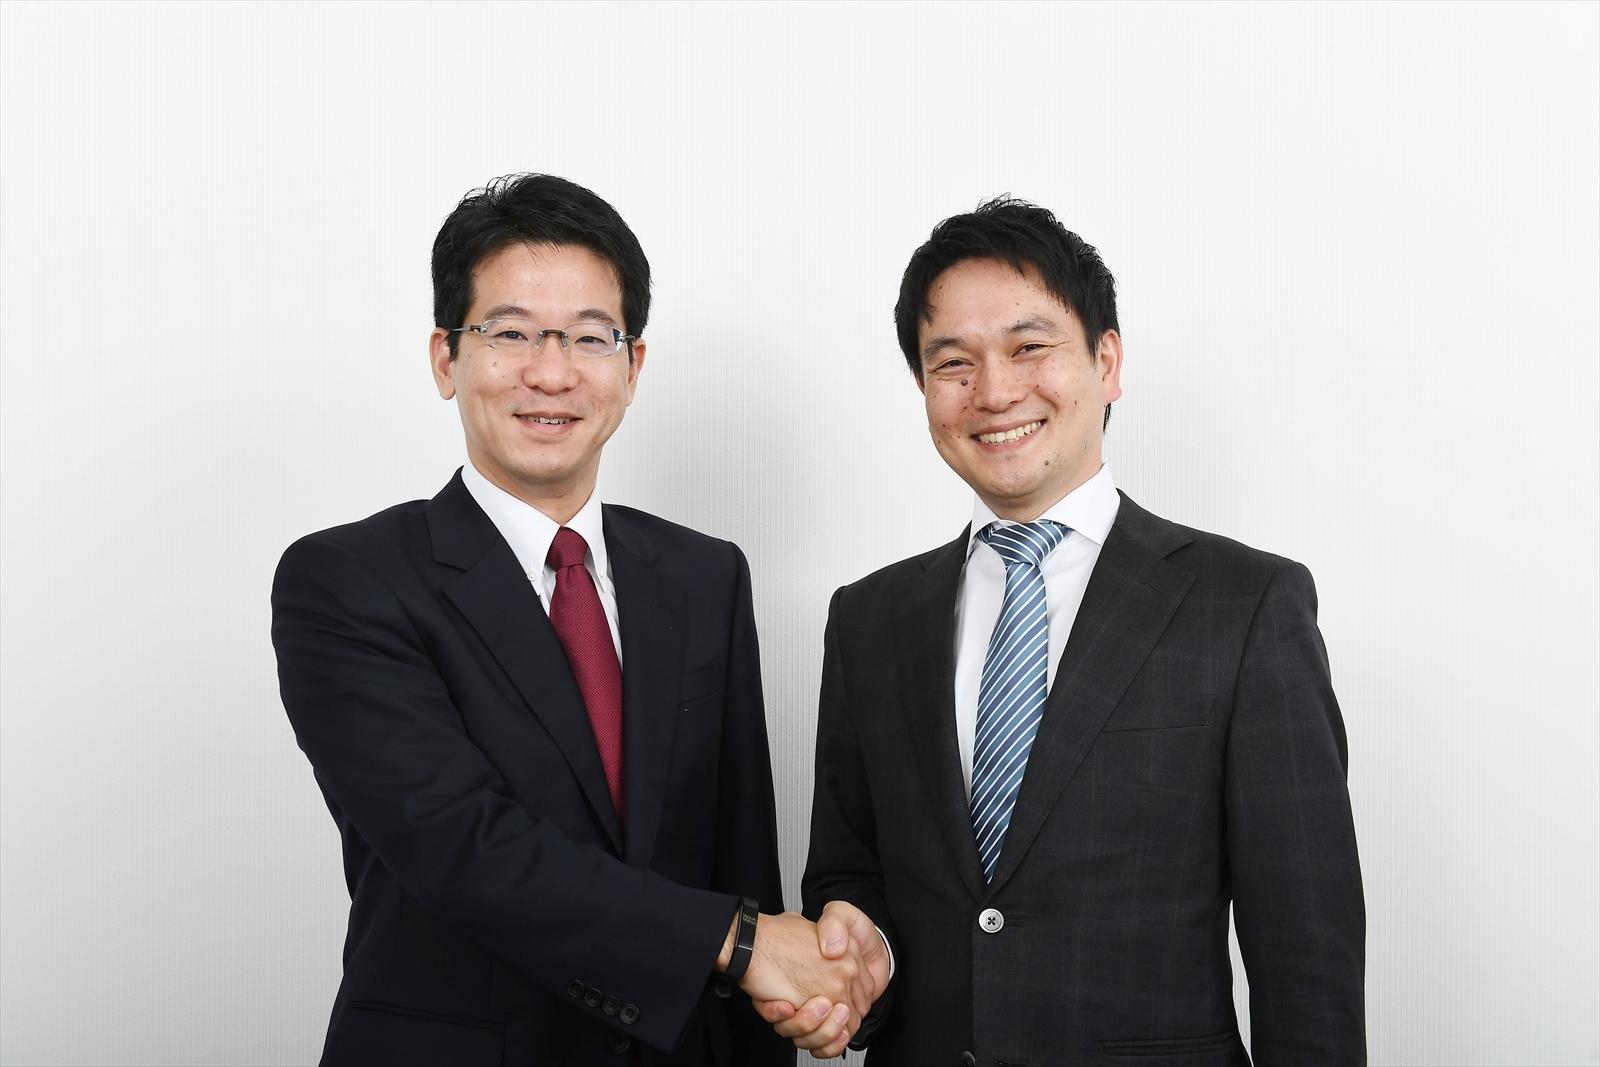 東京エレクトロン土井様×ビズリーチ多田